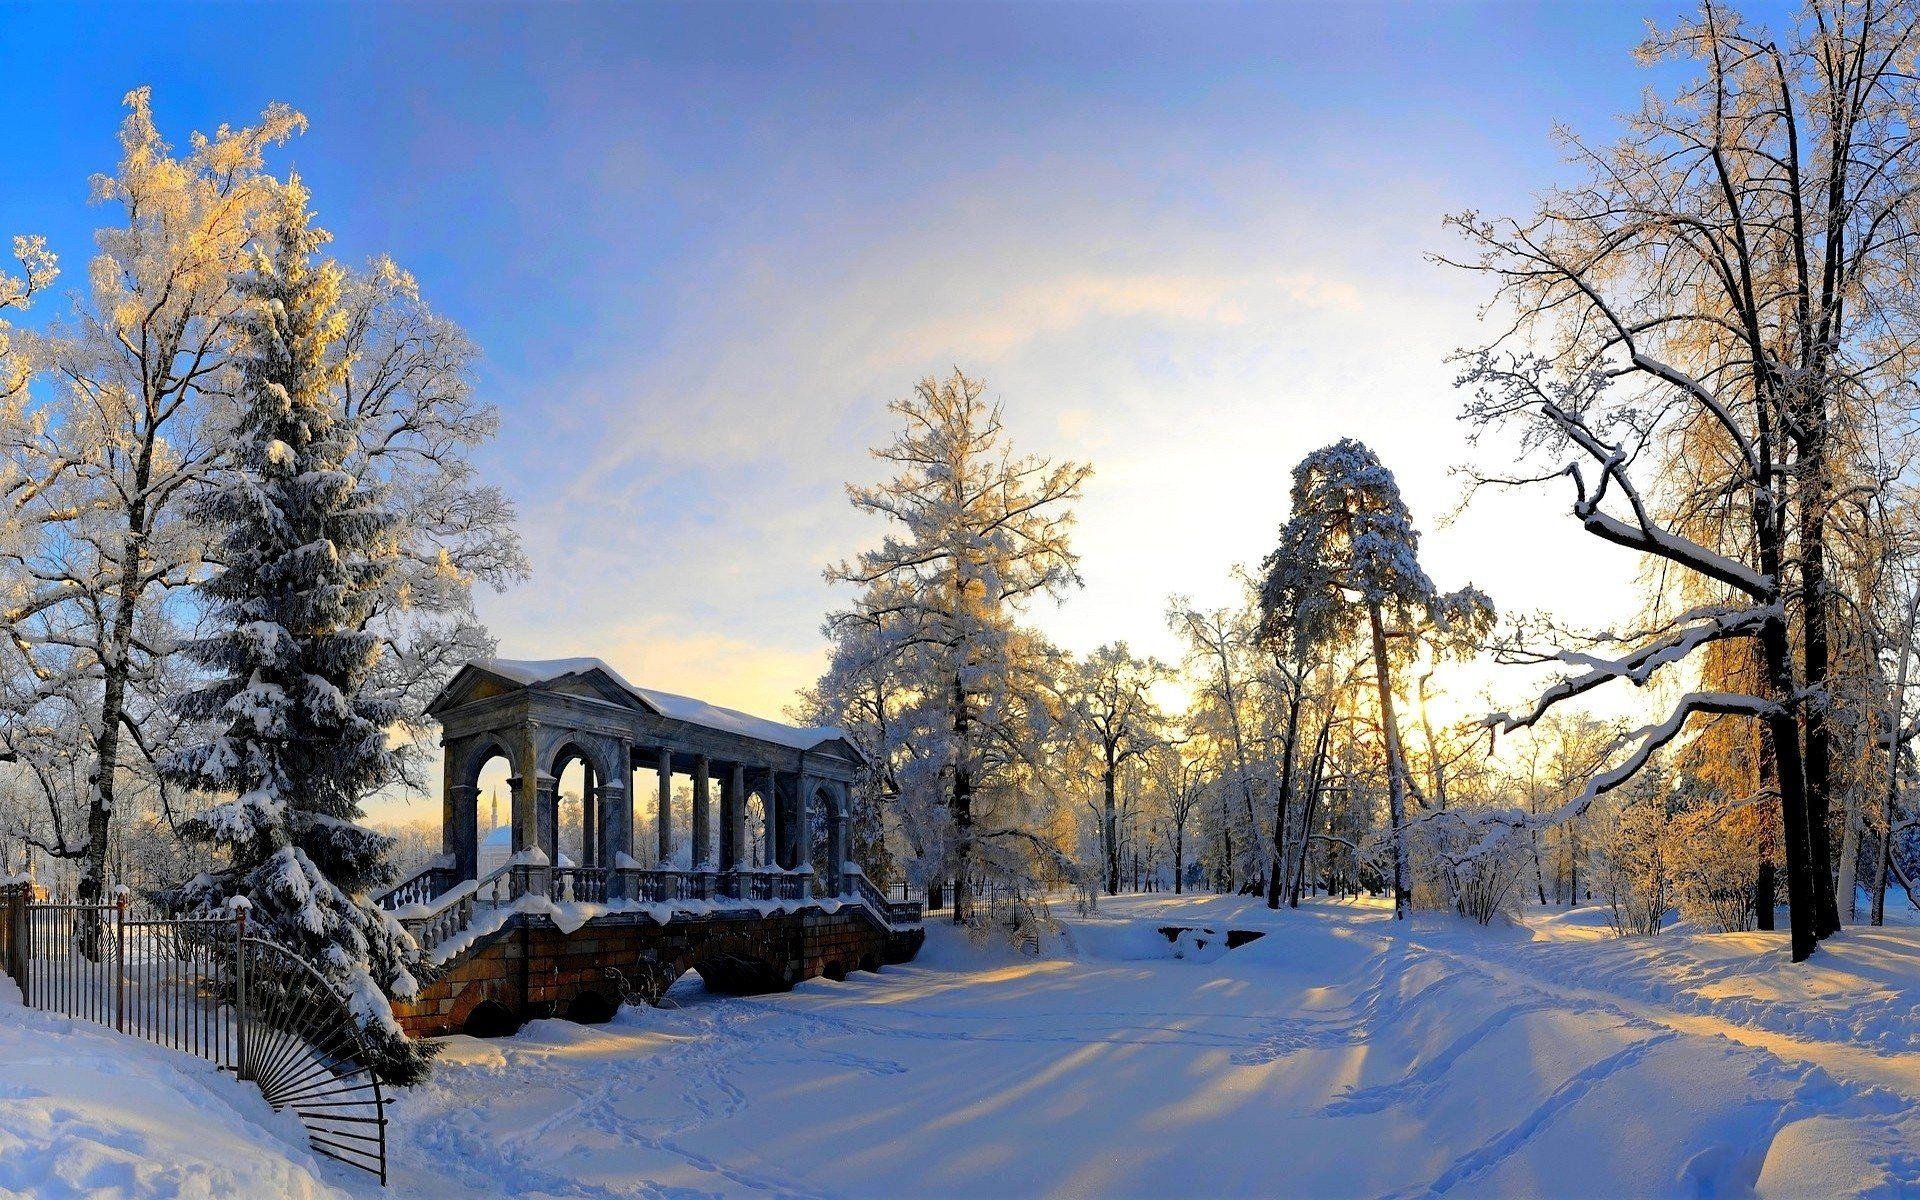 Winter Scenery Wallpaper Hd Widescreen Winter Wallpaper Hd